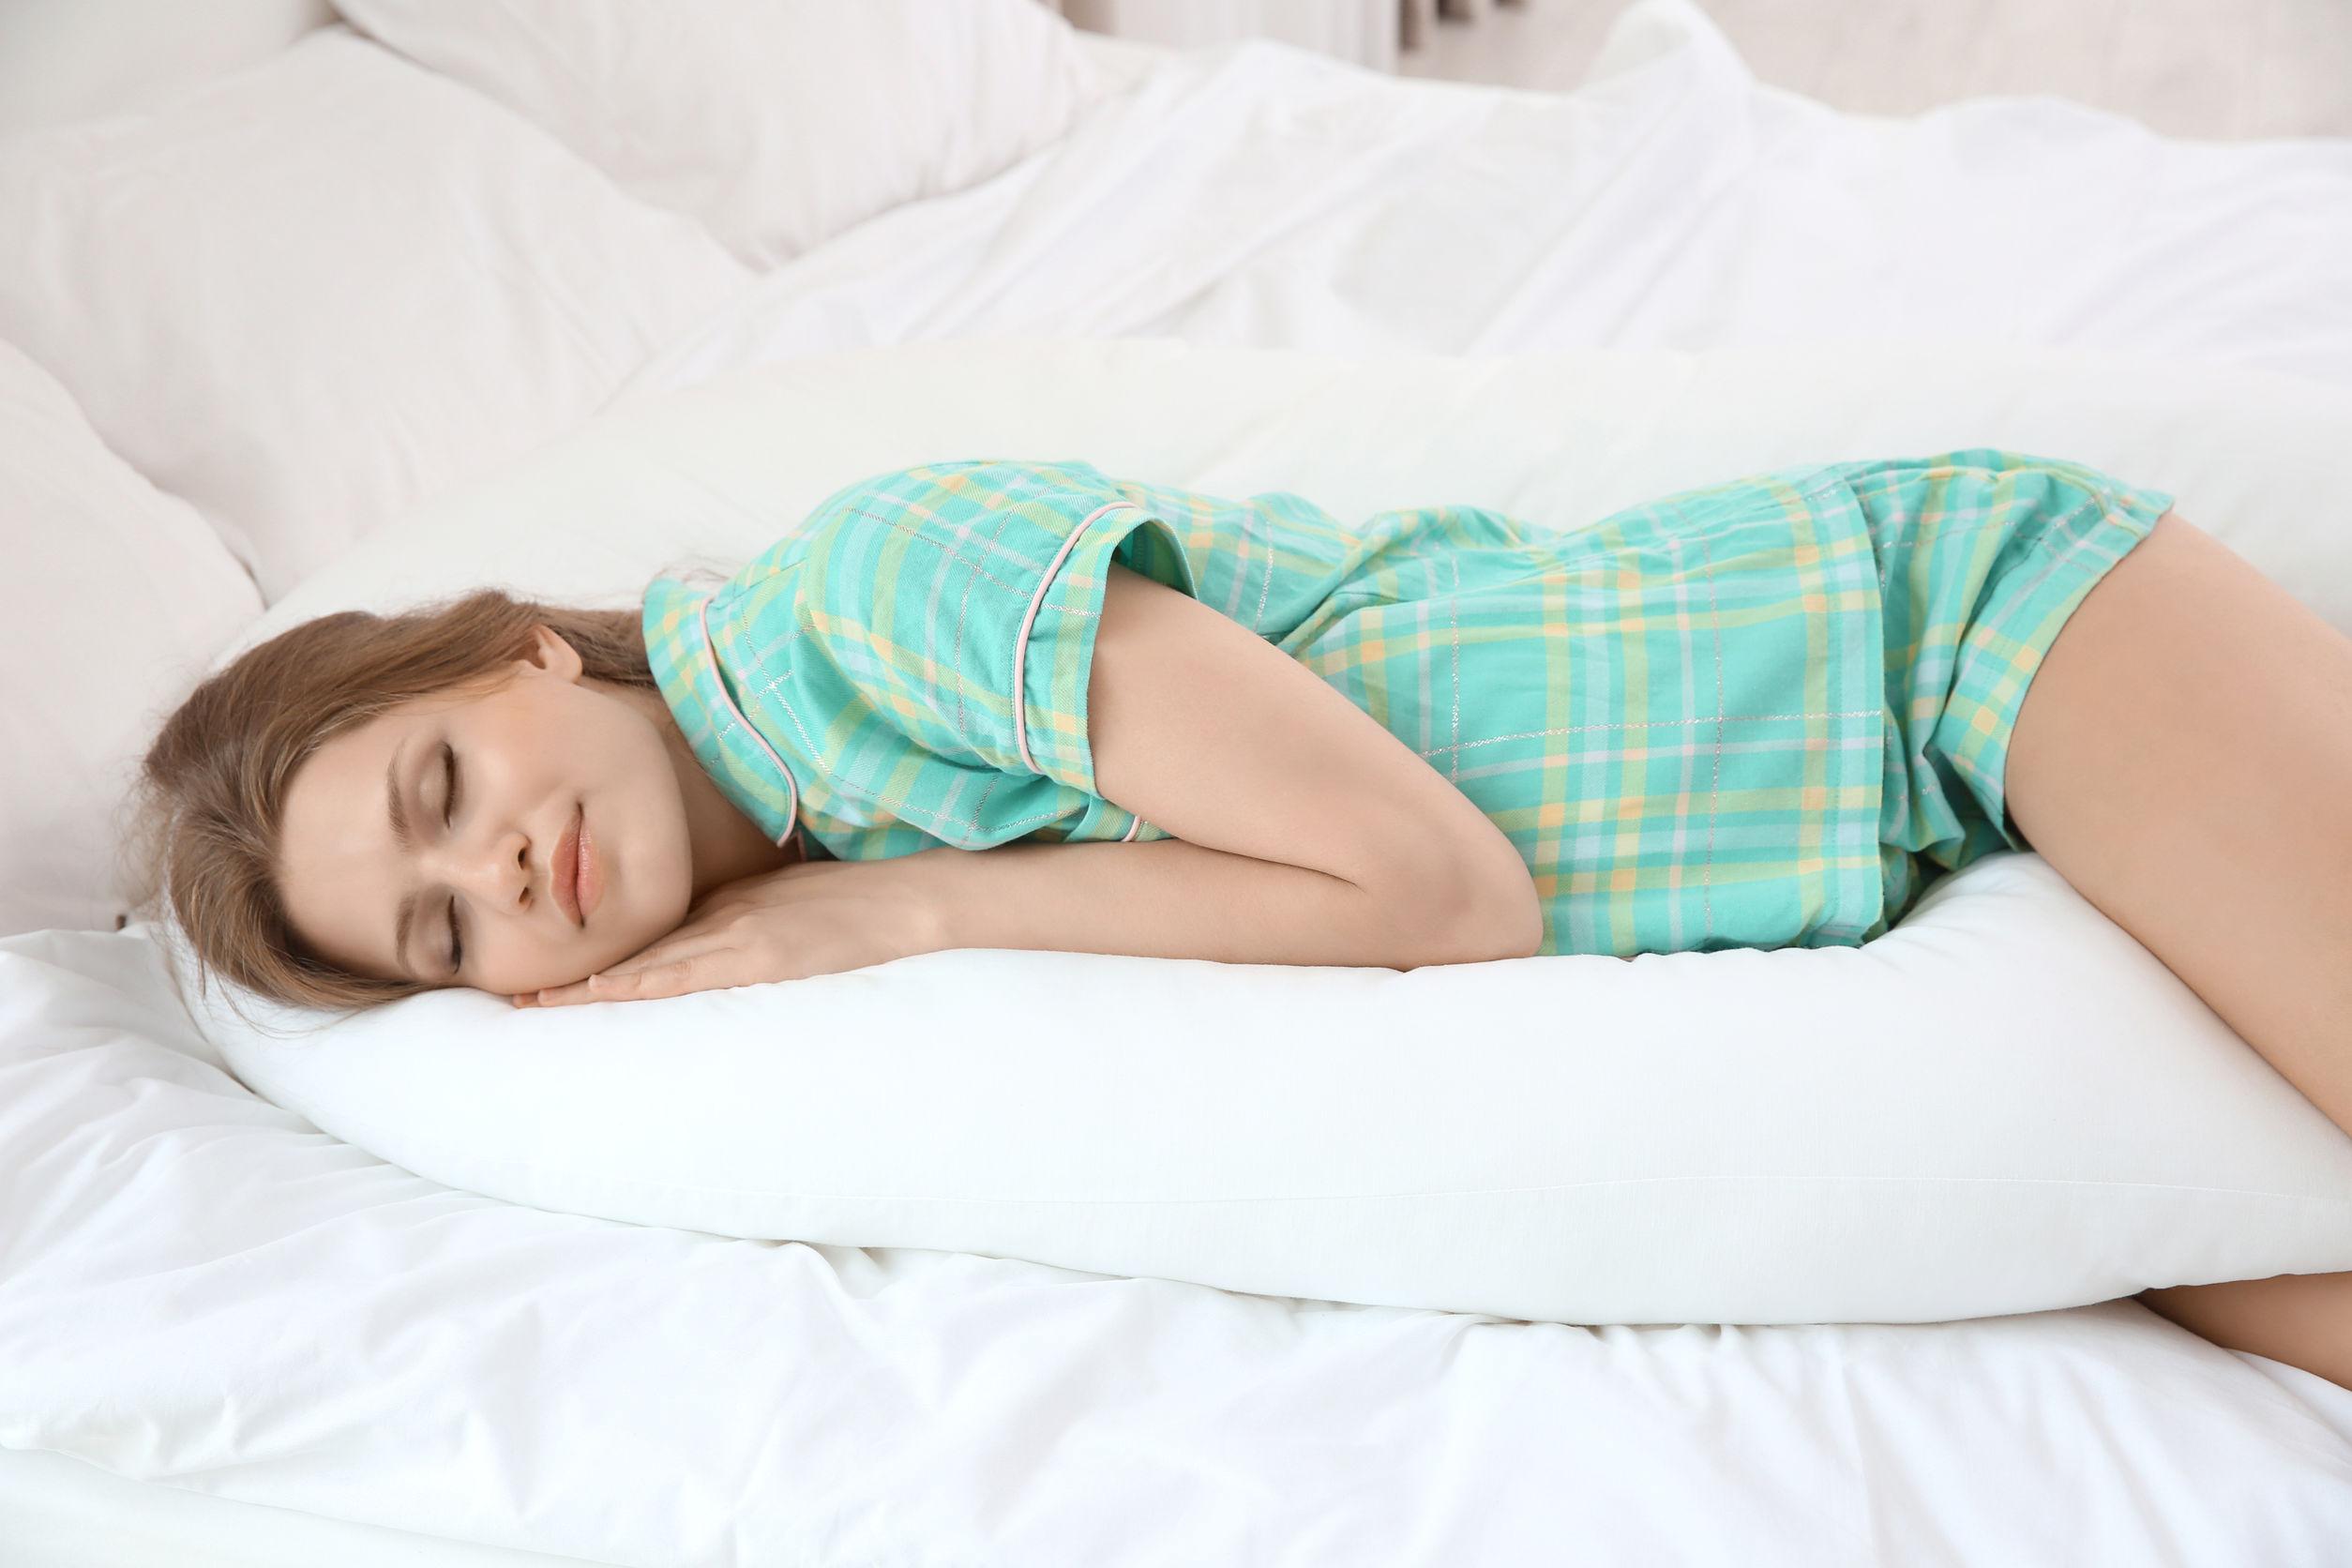 Imagem de uma mulher deitada.